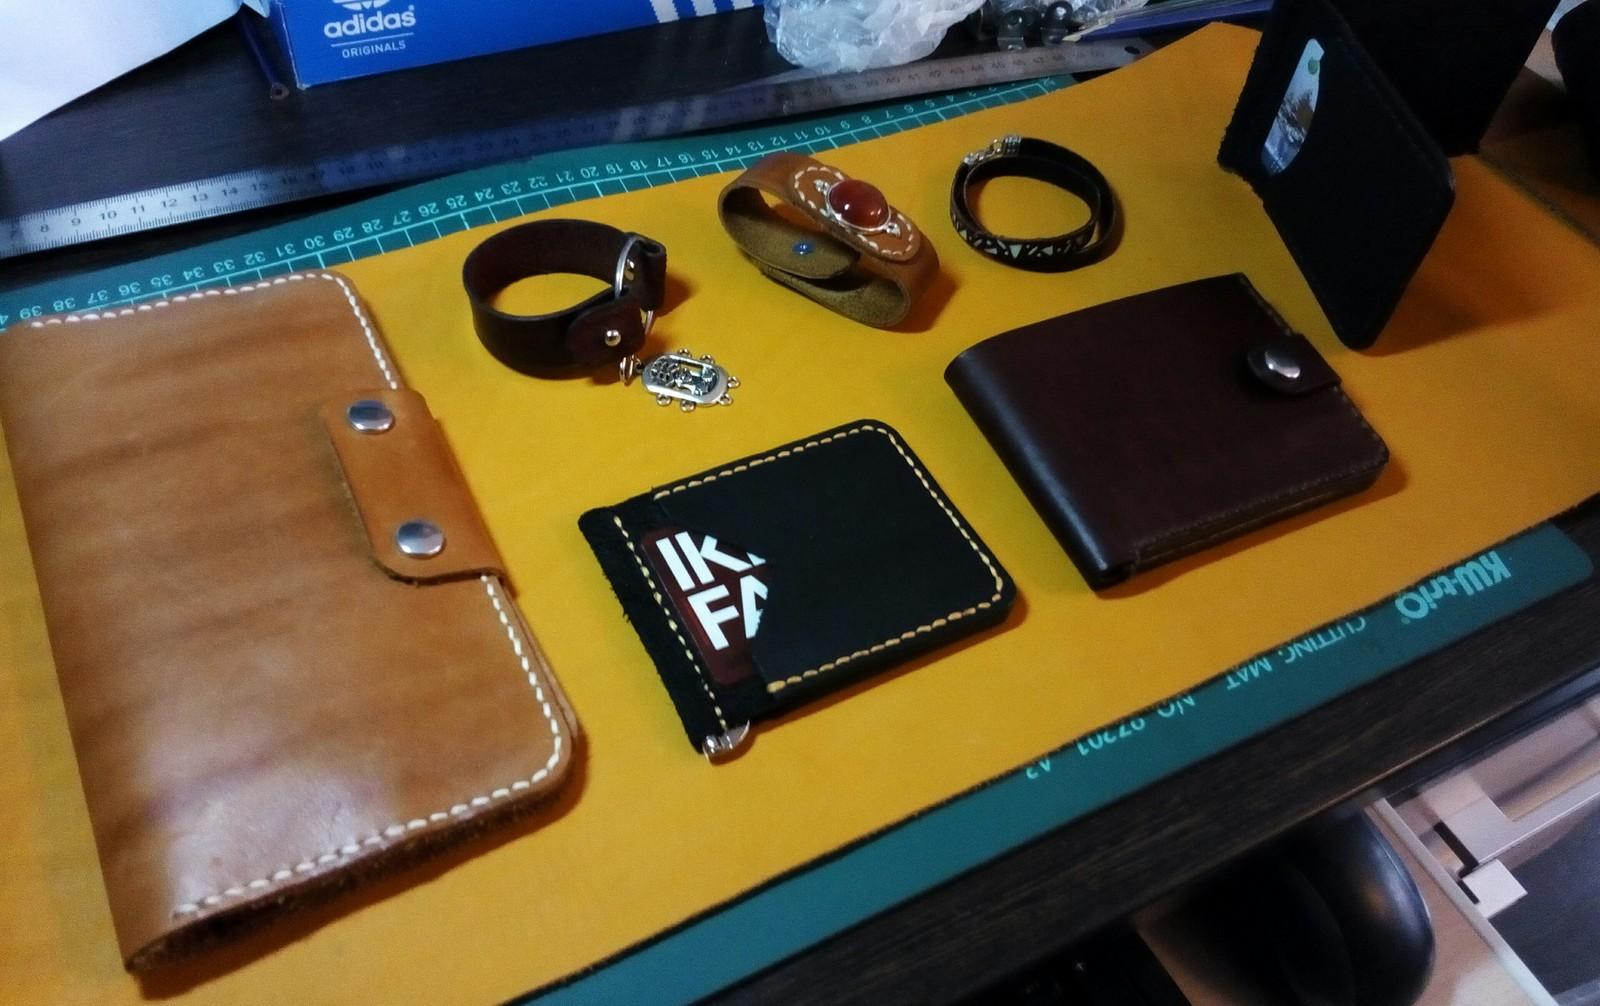 f5166a109f0f Великий Пикабу, помоги придумать название для мастерской по изготовлению кожаных  изделий.